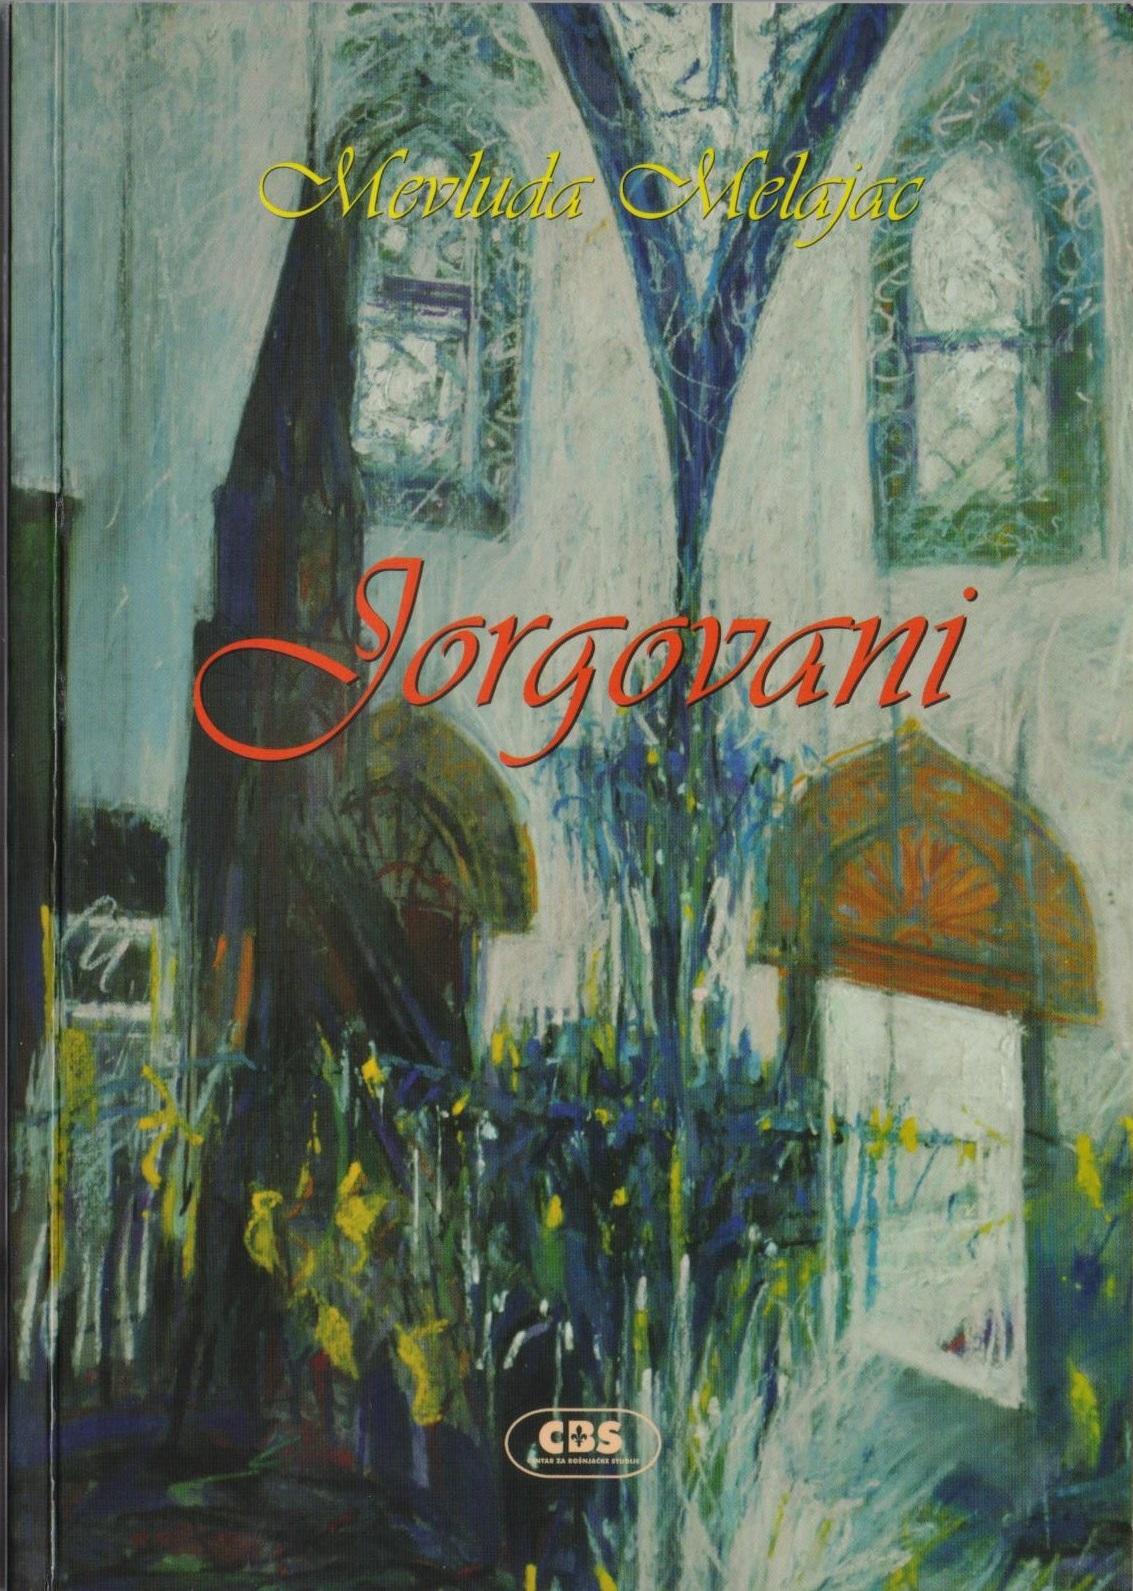 Jorgovani